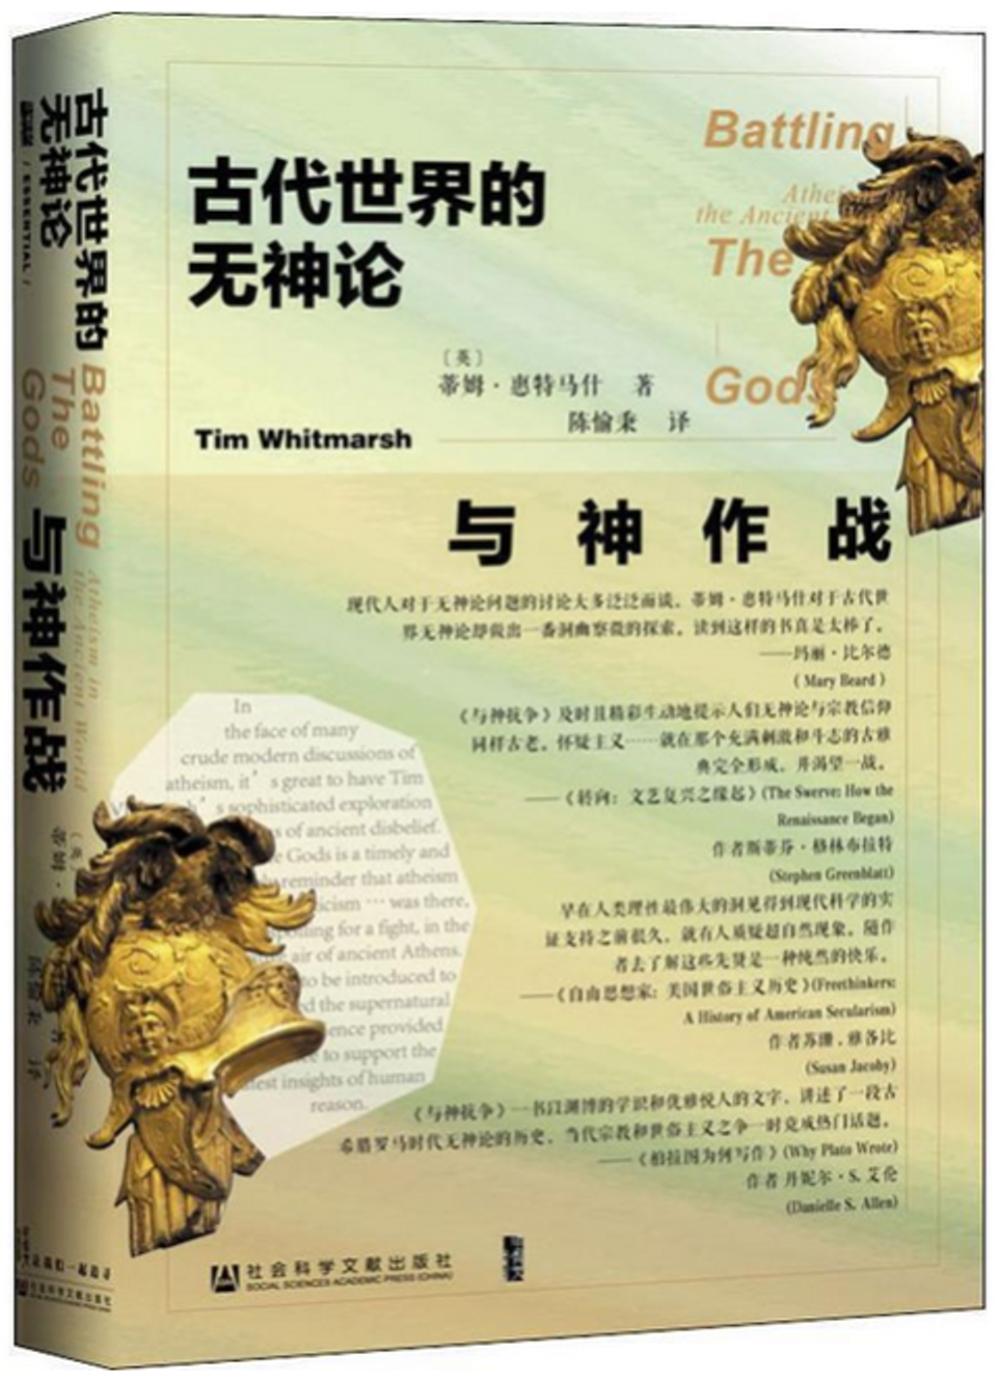 甲骨文叢書 與神作戰:古代世界的無神論